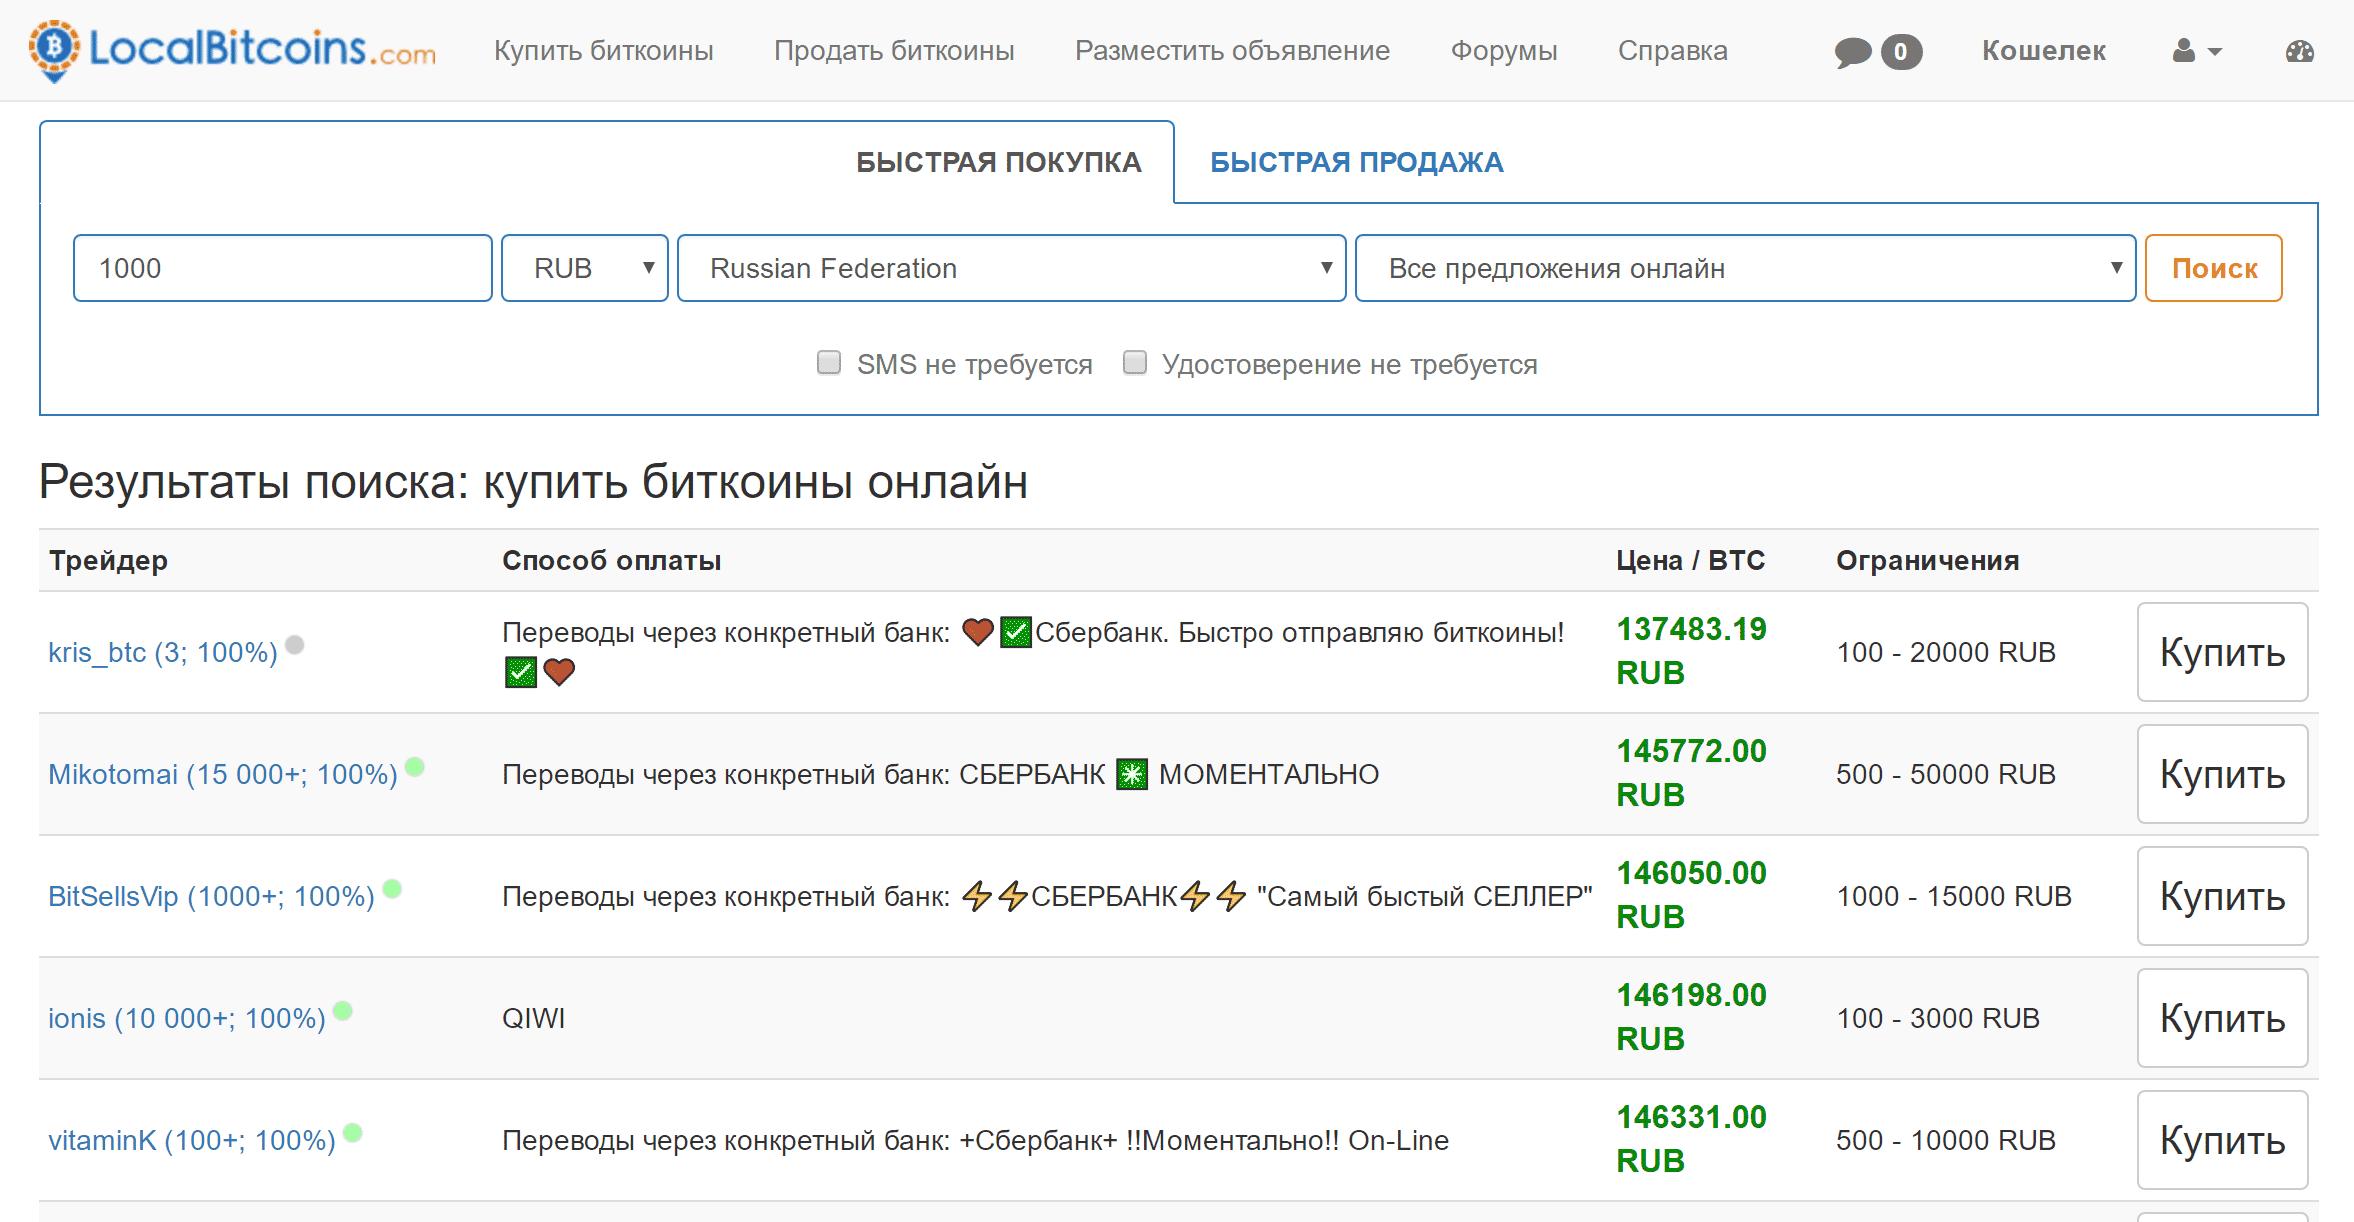 hogyan lehet tárolni a bitcoinokat a merevlemezen)